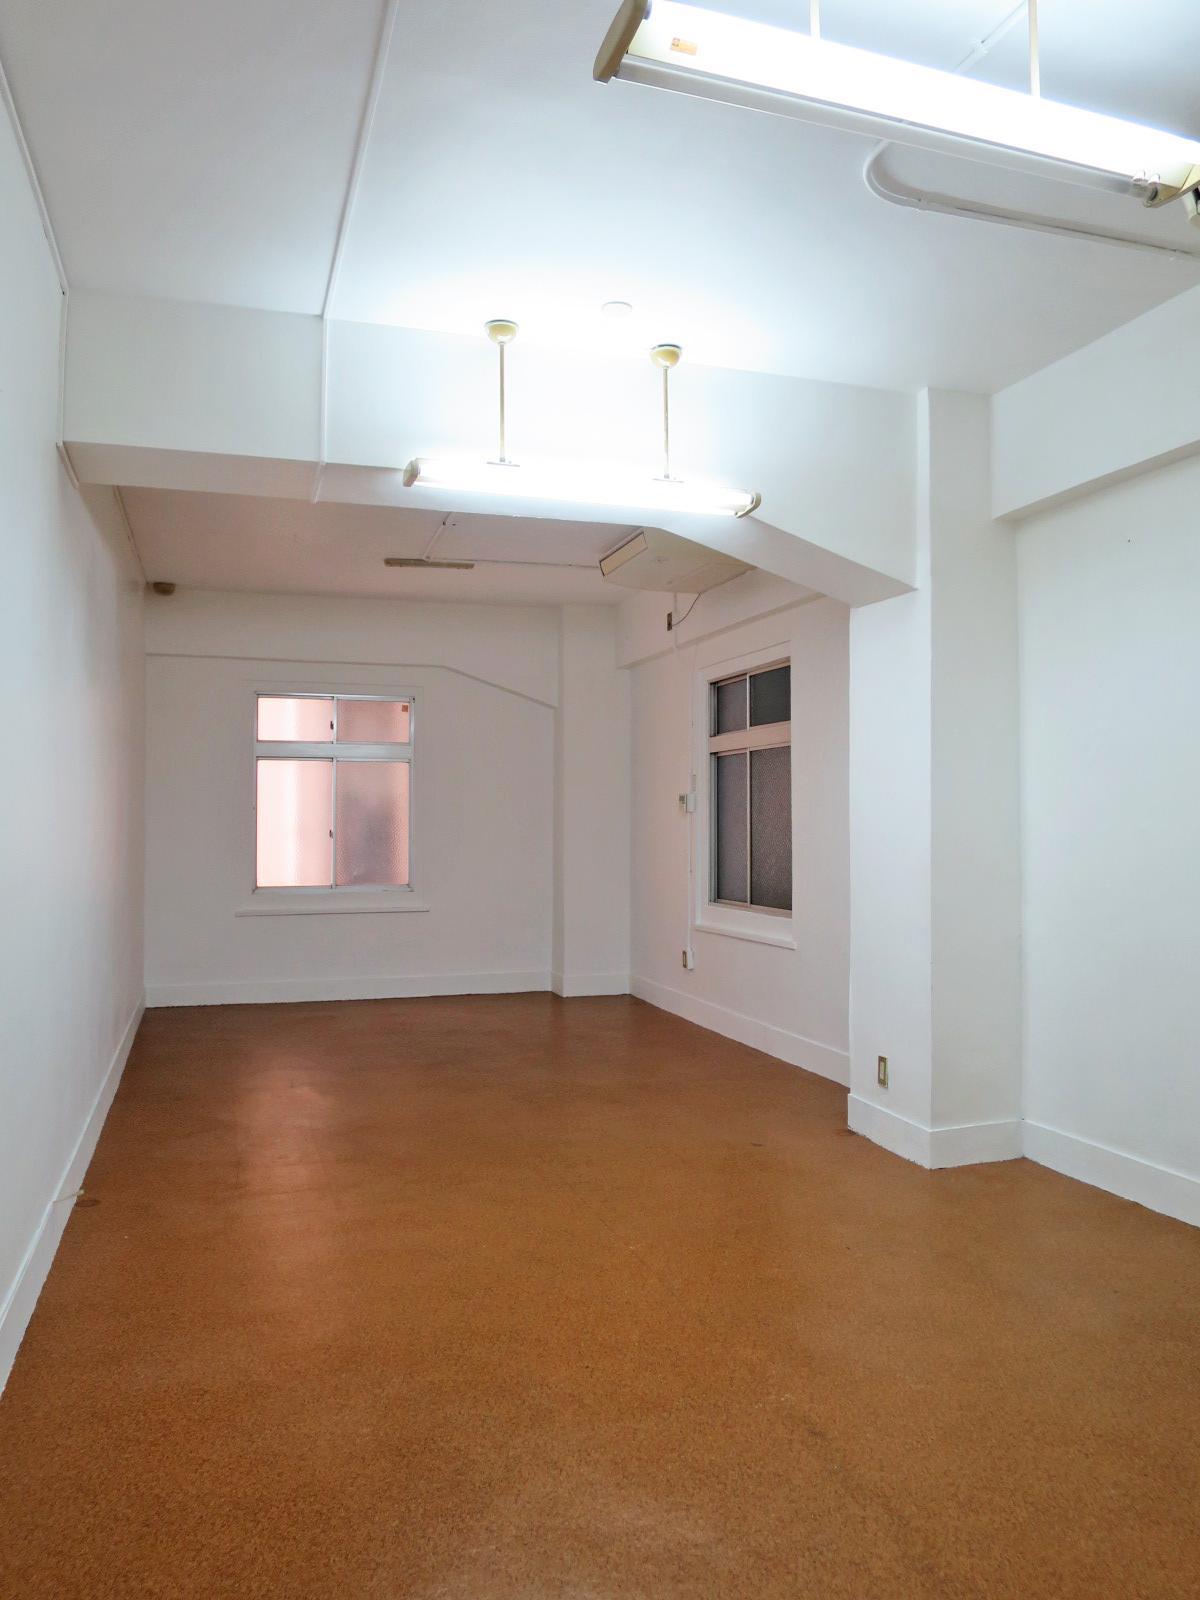 4階の45号室(33.88平米)の天井高は3m。採光は少なめです。